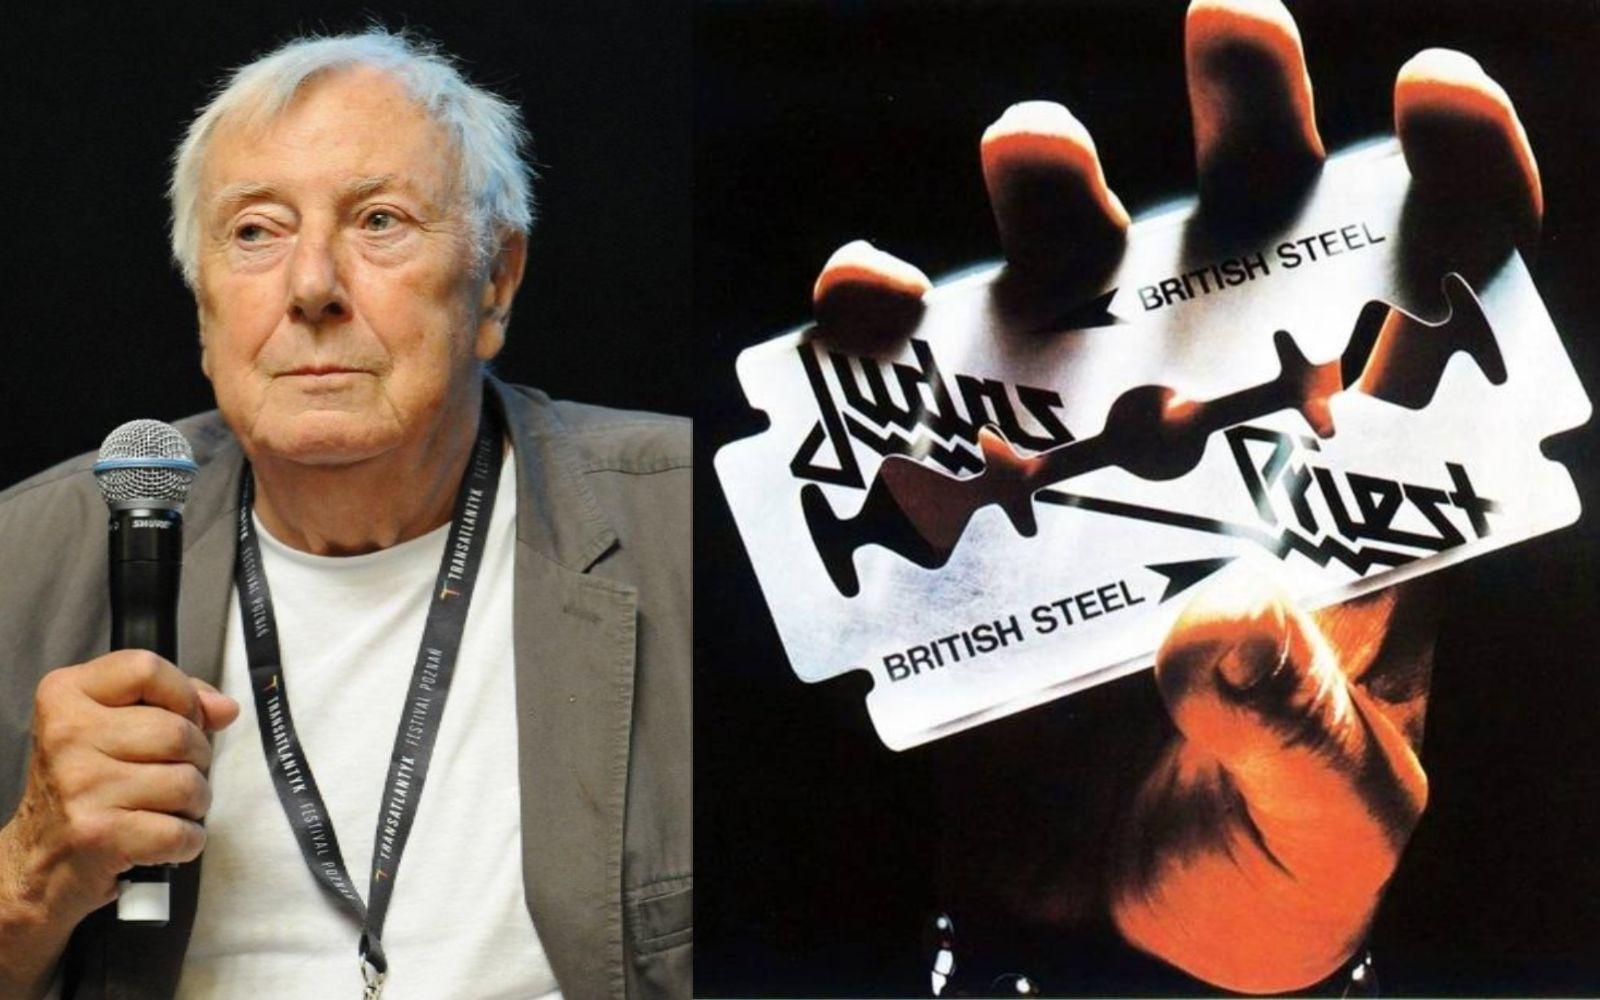 Judas Priest logo inventor